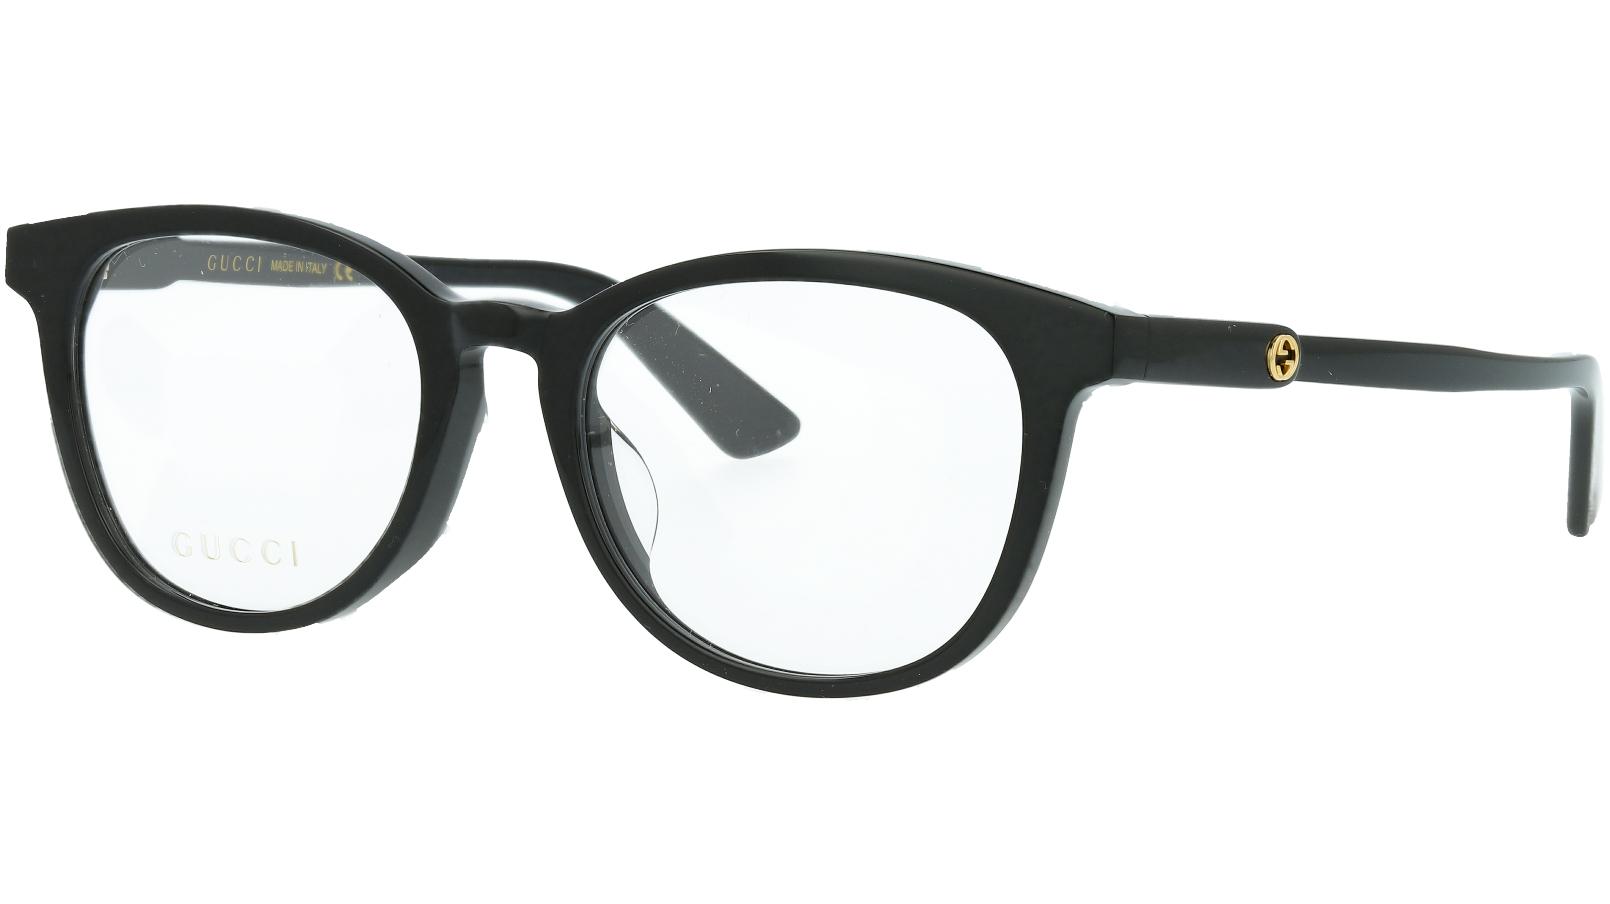 Gucci GG0866OA 001 52 Black Glasses